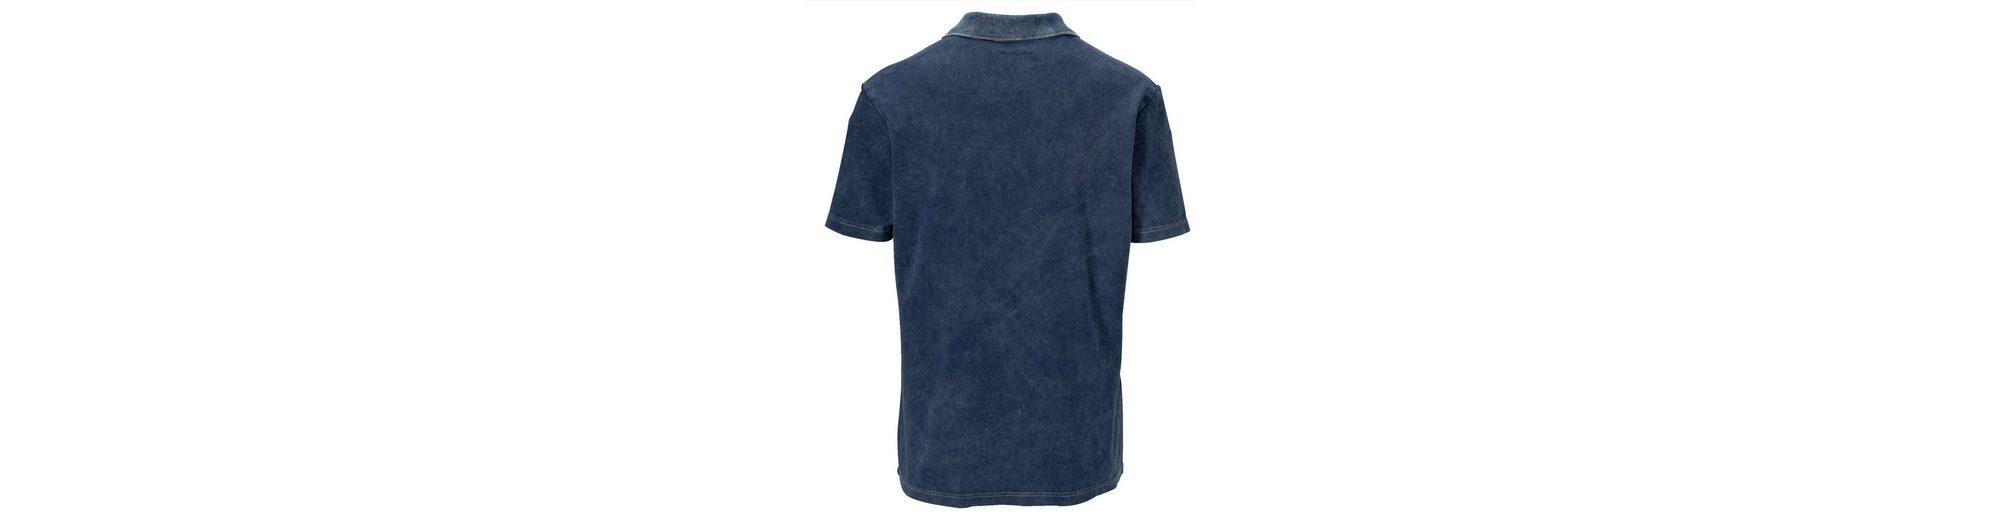 Extrem Online Billige Veröffentlichungstermine Babista Poloshirt im Used-Look FDCFHZ